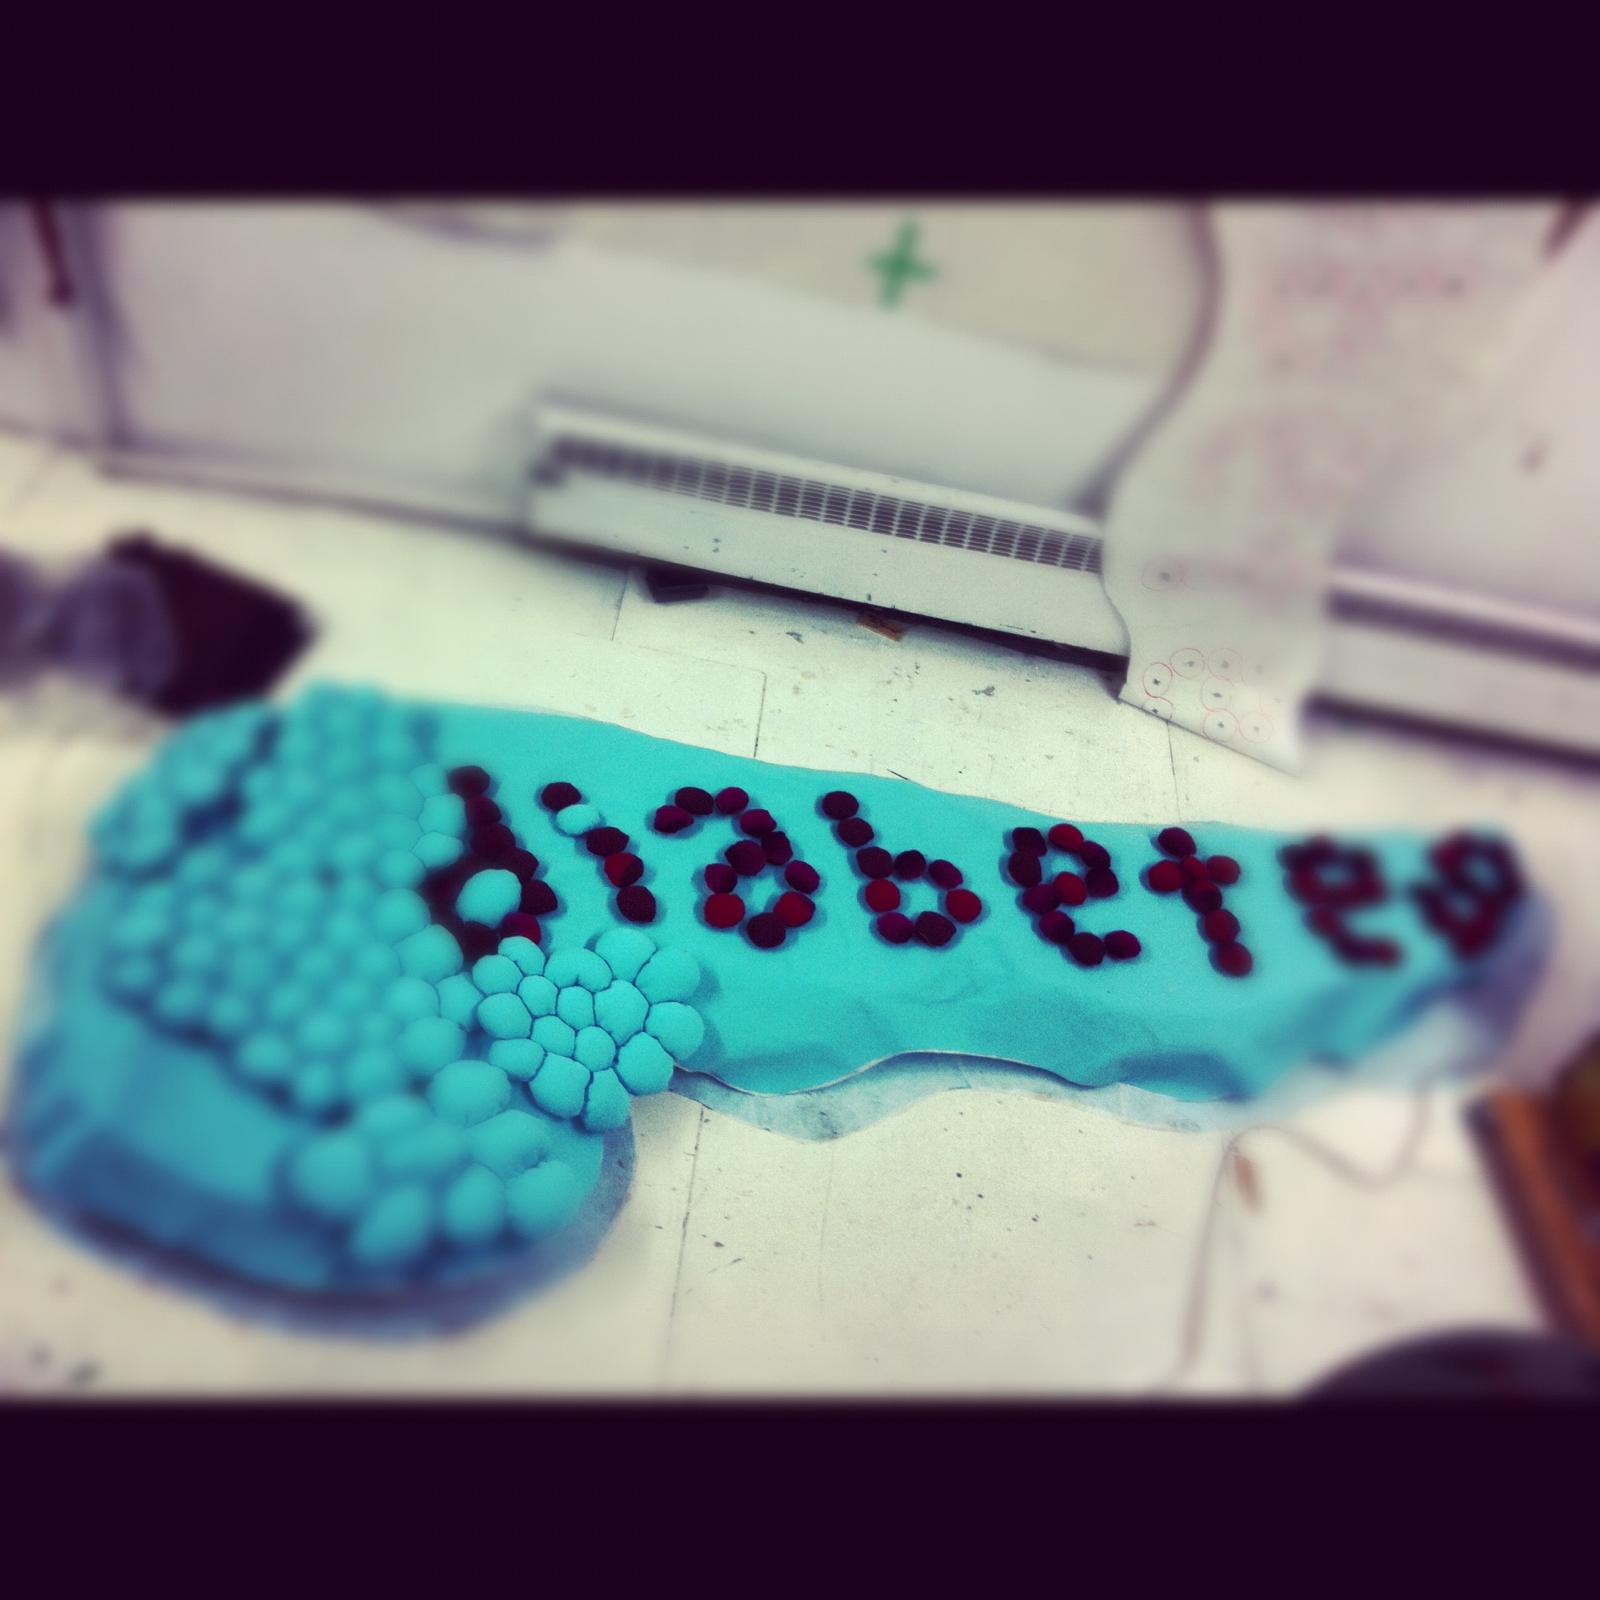 Pancreas Progress